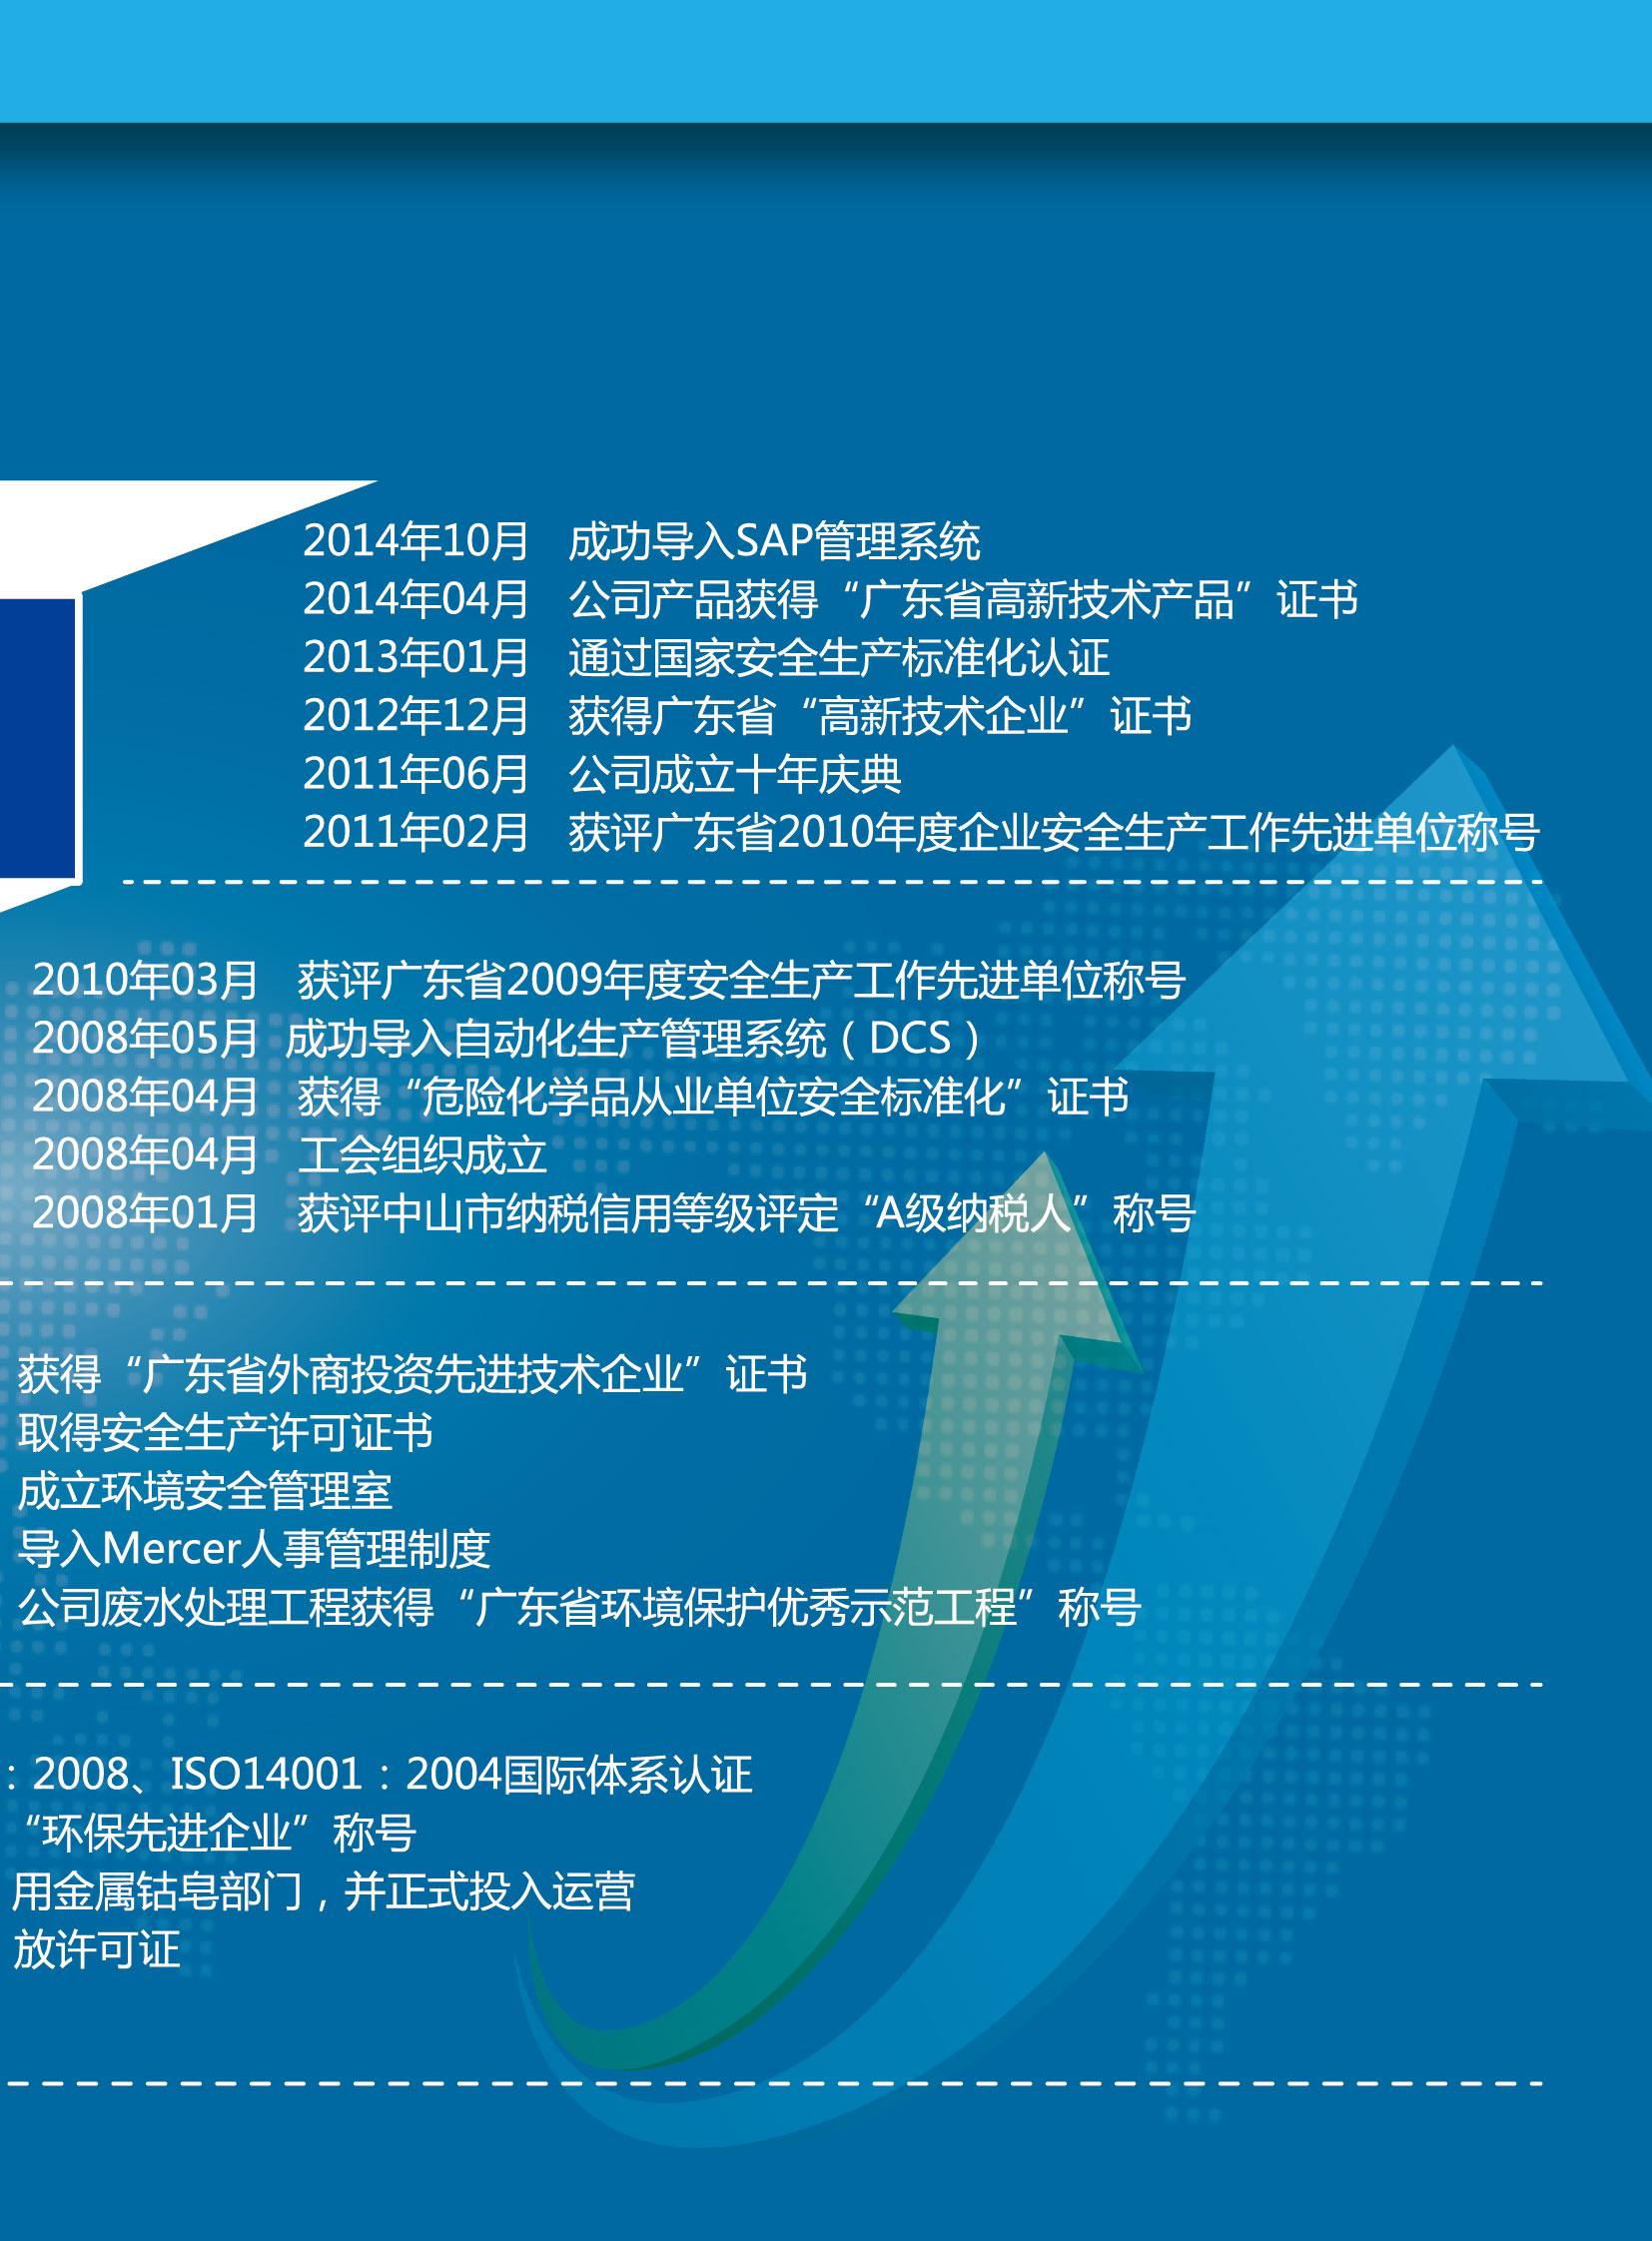 迪爱生合成树脂(中山)有限公司_才通国际人才网_www.nnf3.com